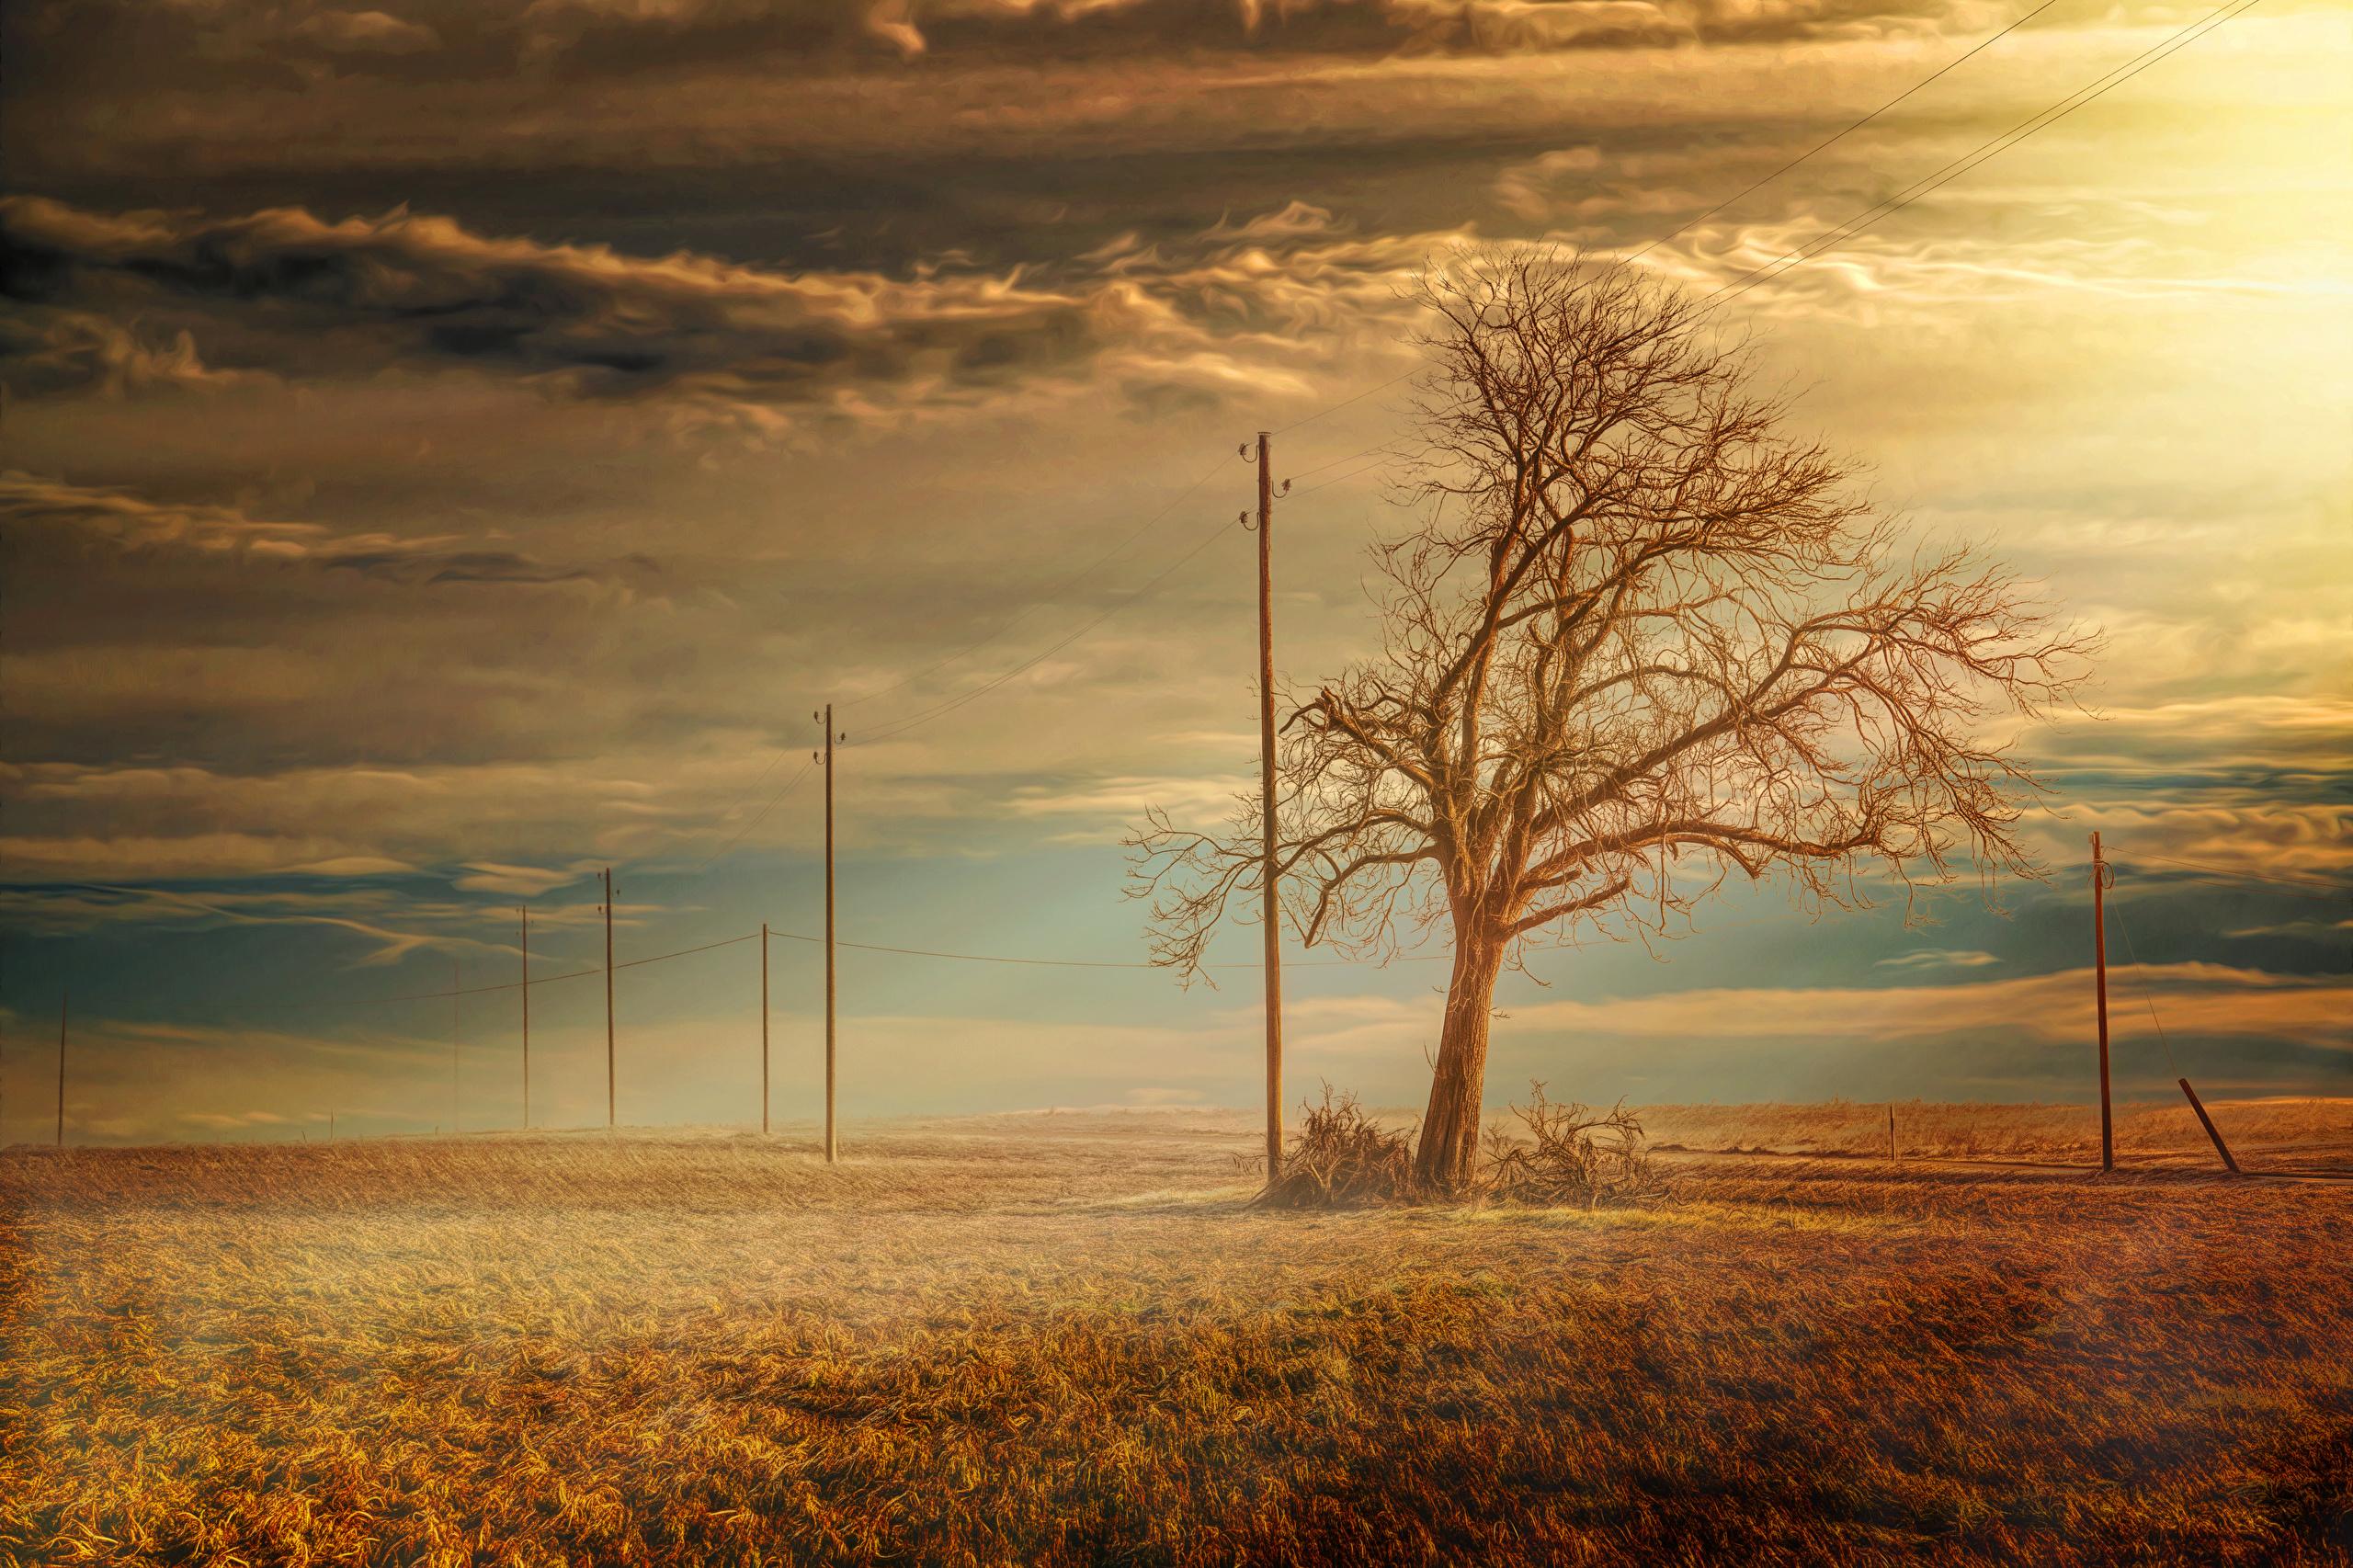 природа трава горизонт солнце деревья  № 2760769  скачать